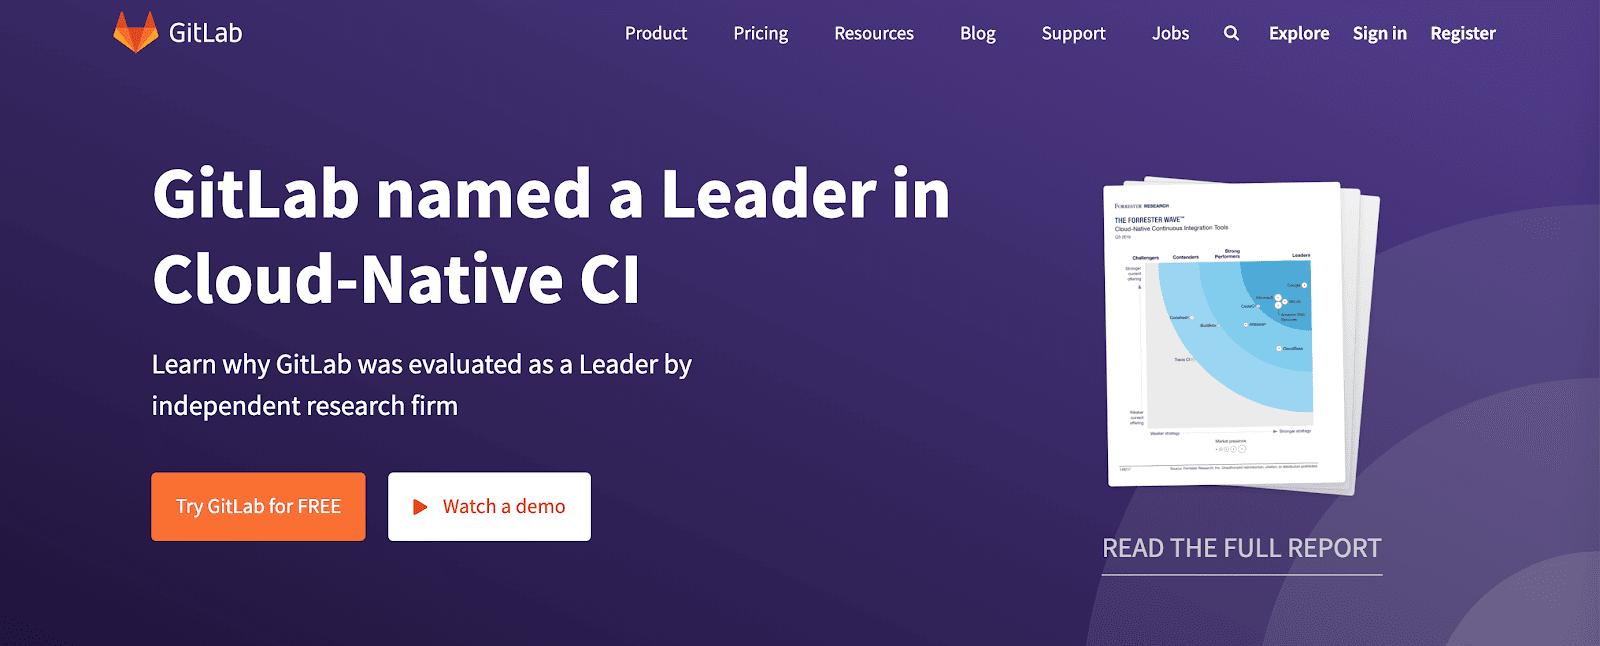 GitLab Homepage